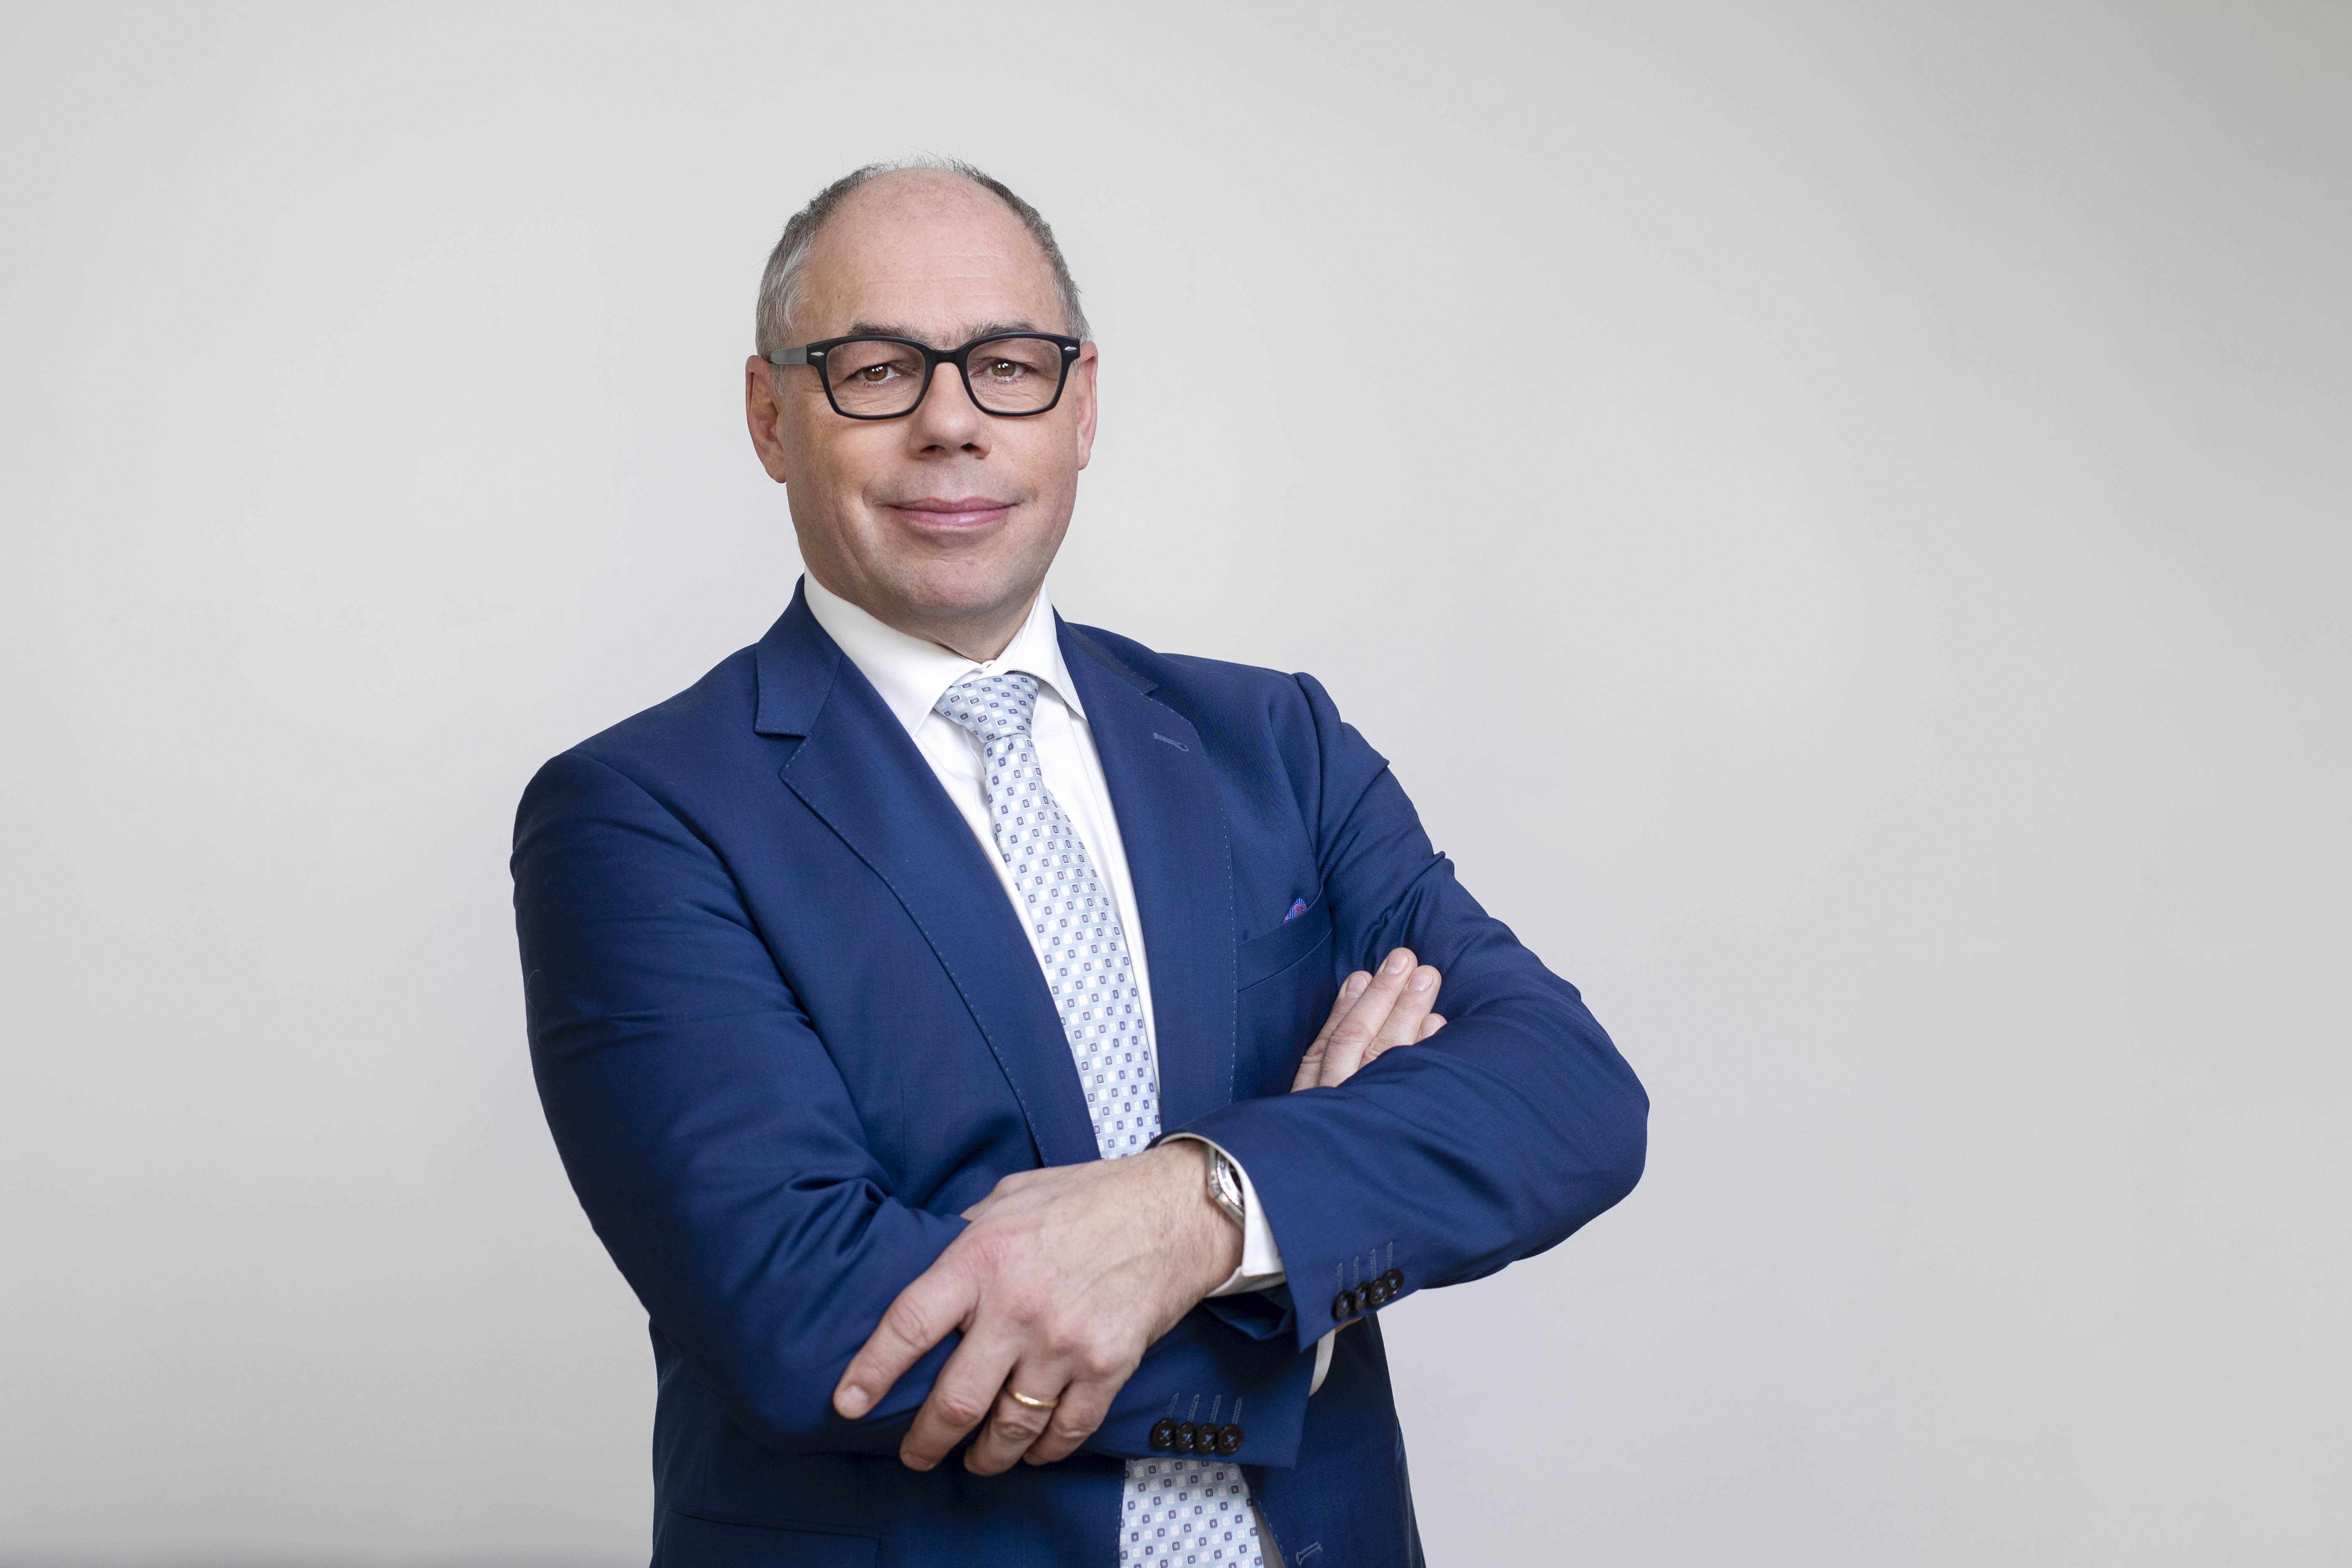 Dr. Alexander Gruber